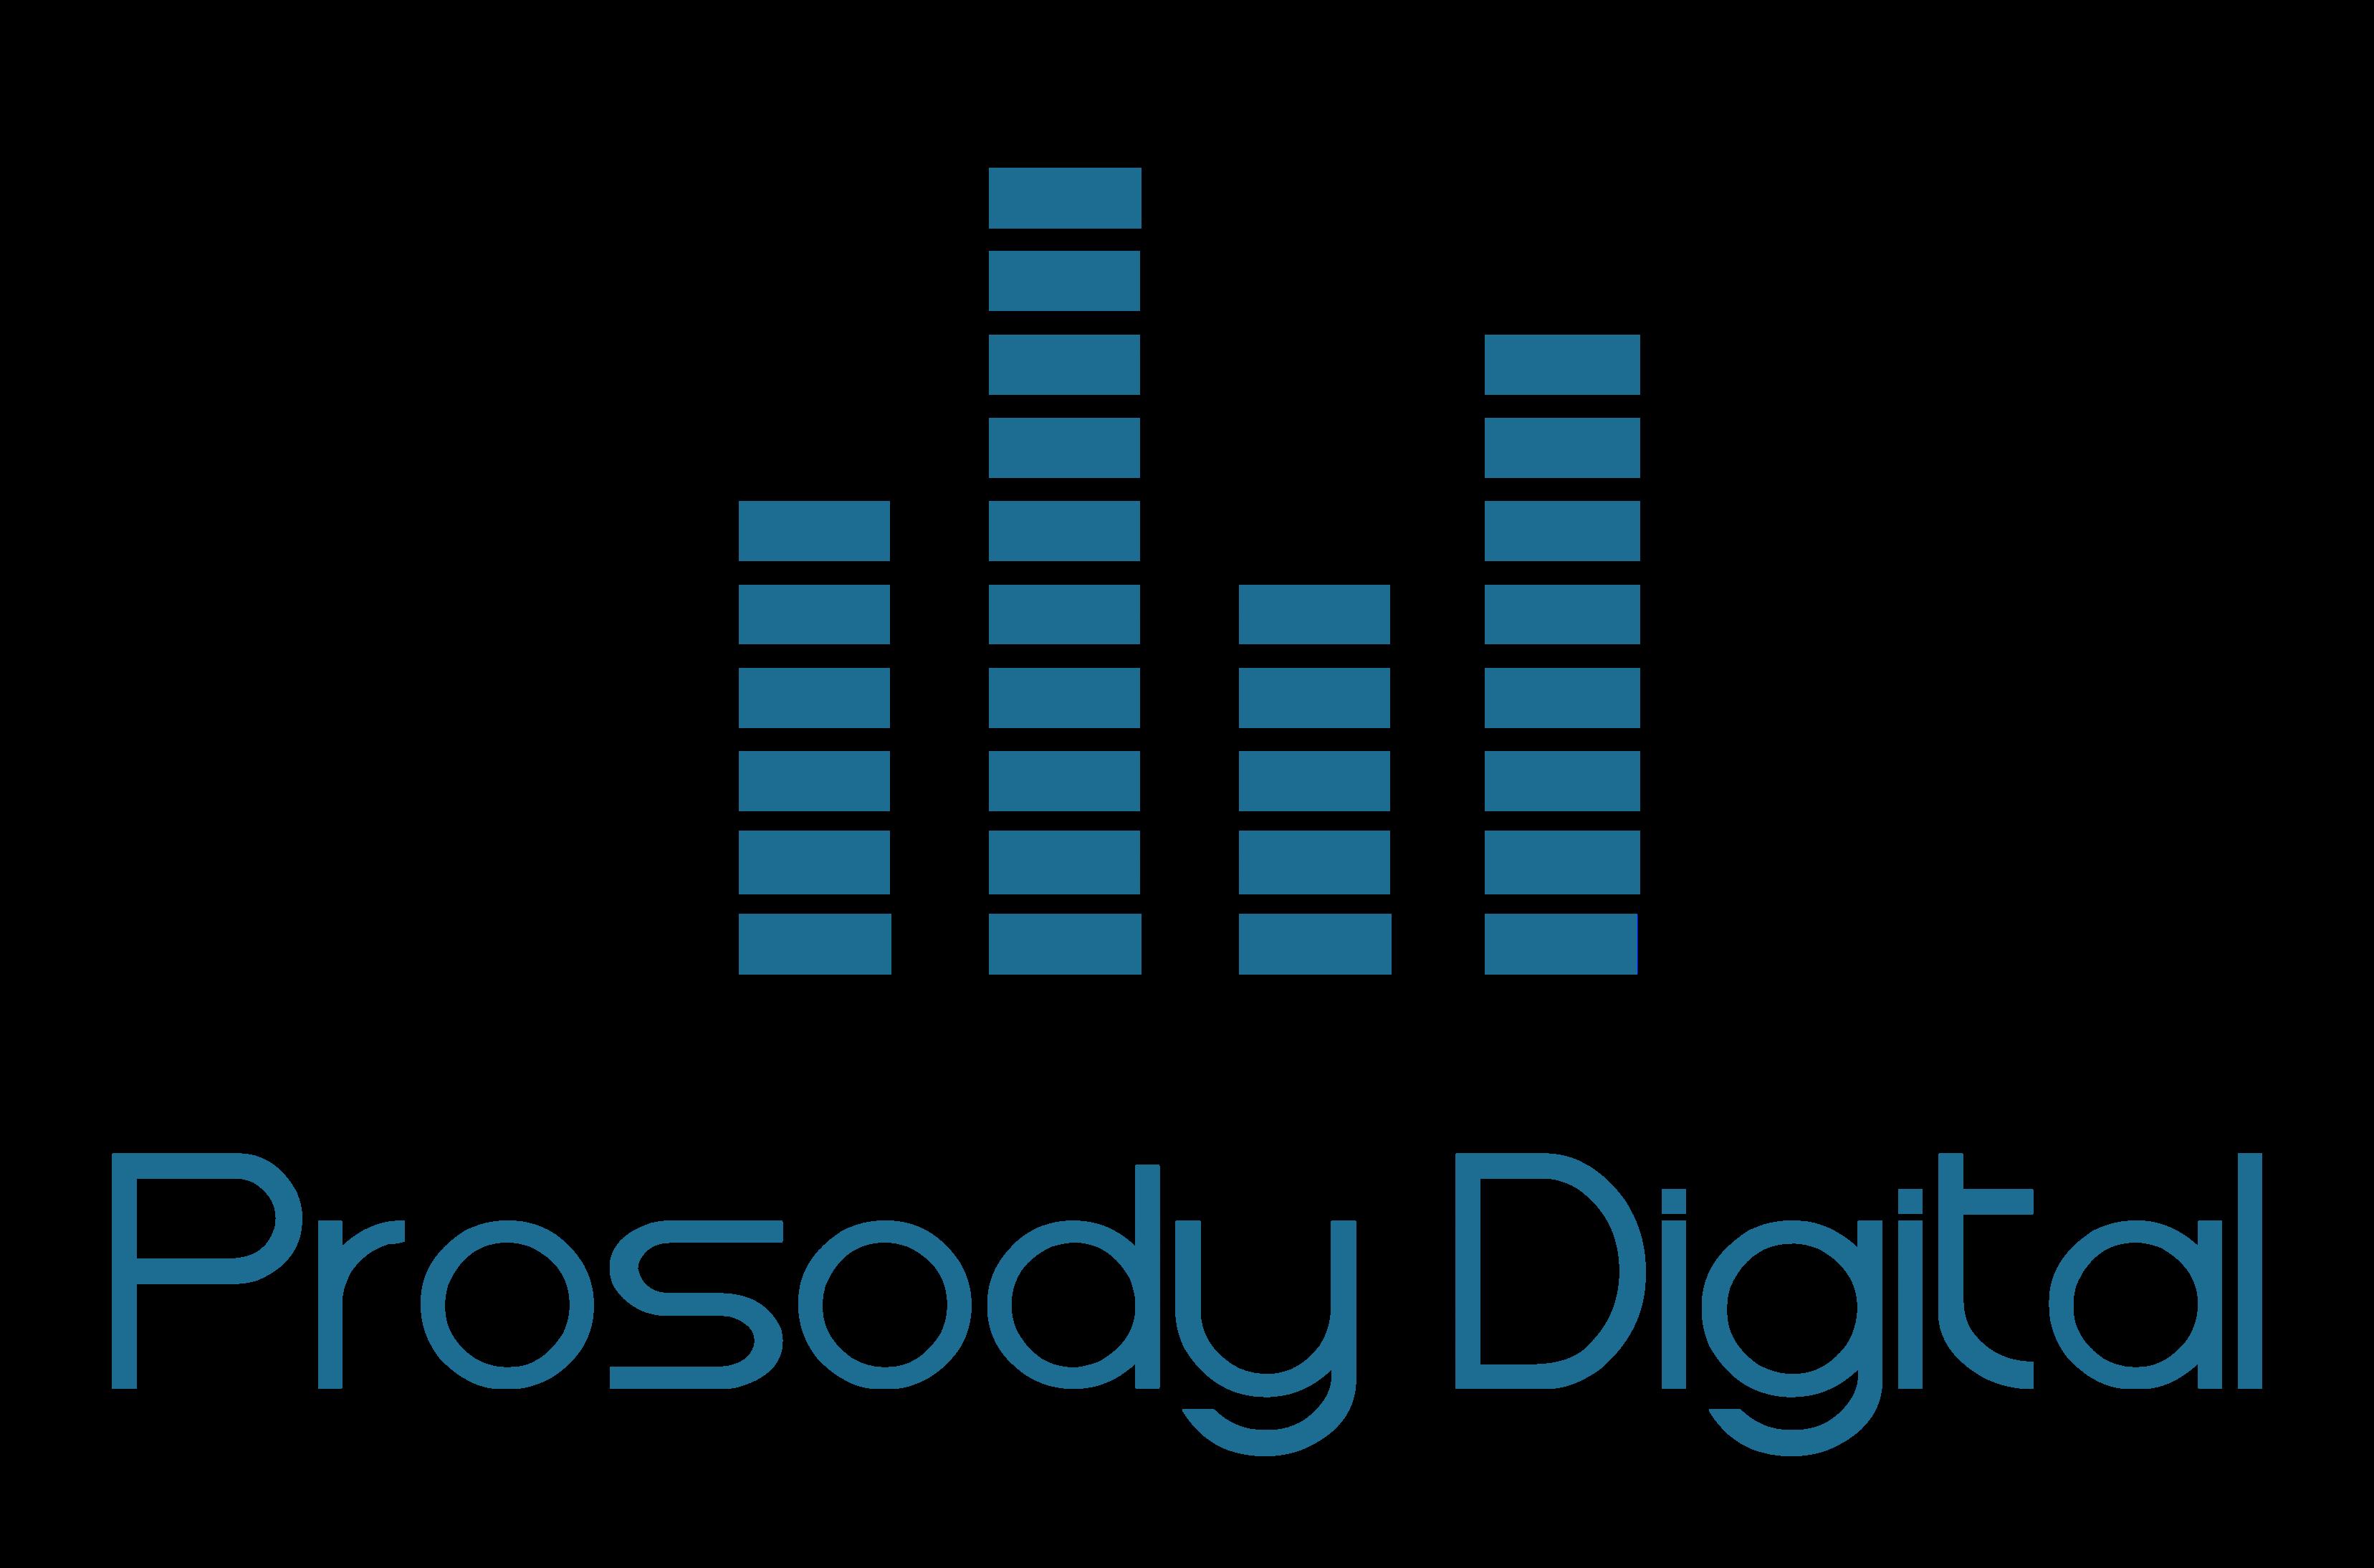 Prosody Digital